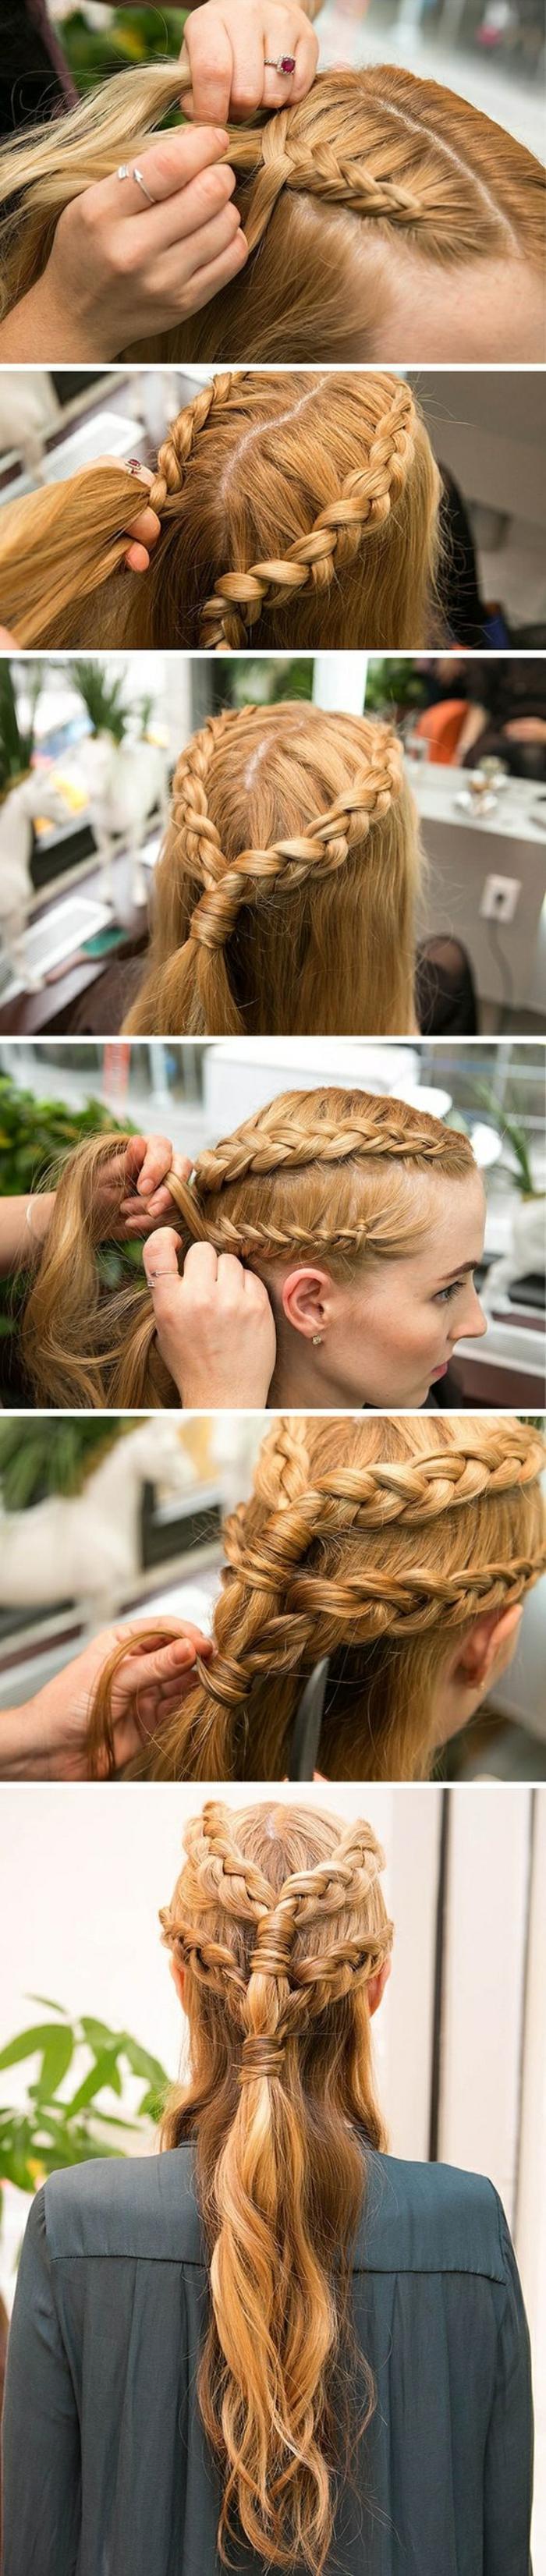 haare flechten - lange, blonde haare, alltagsfrisur mit zöpfen